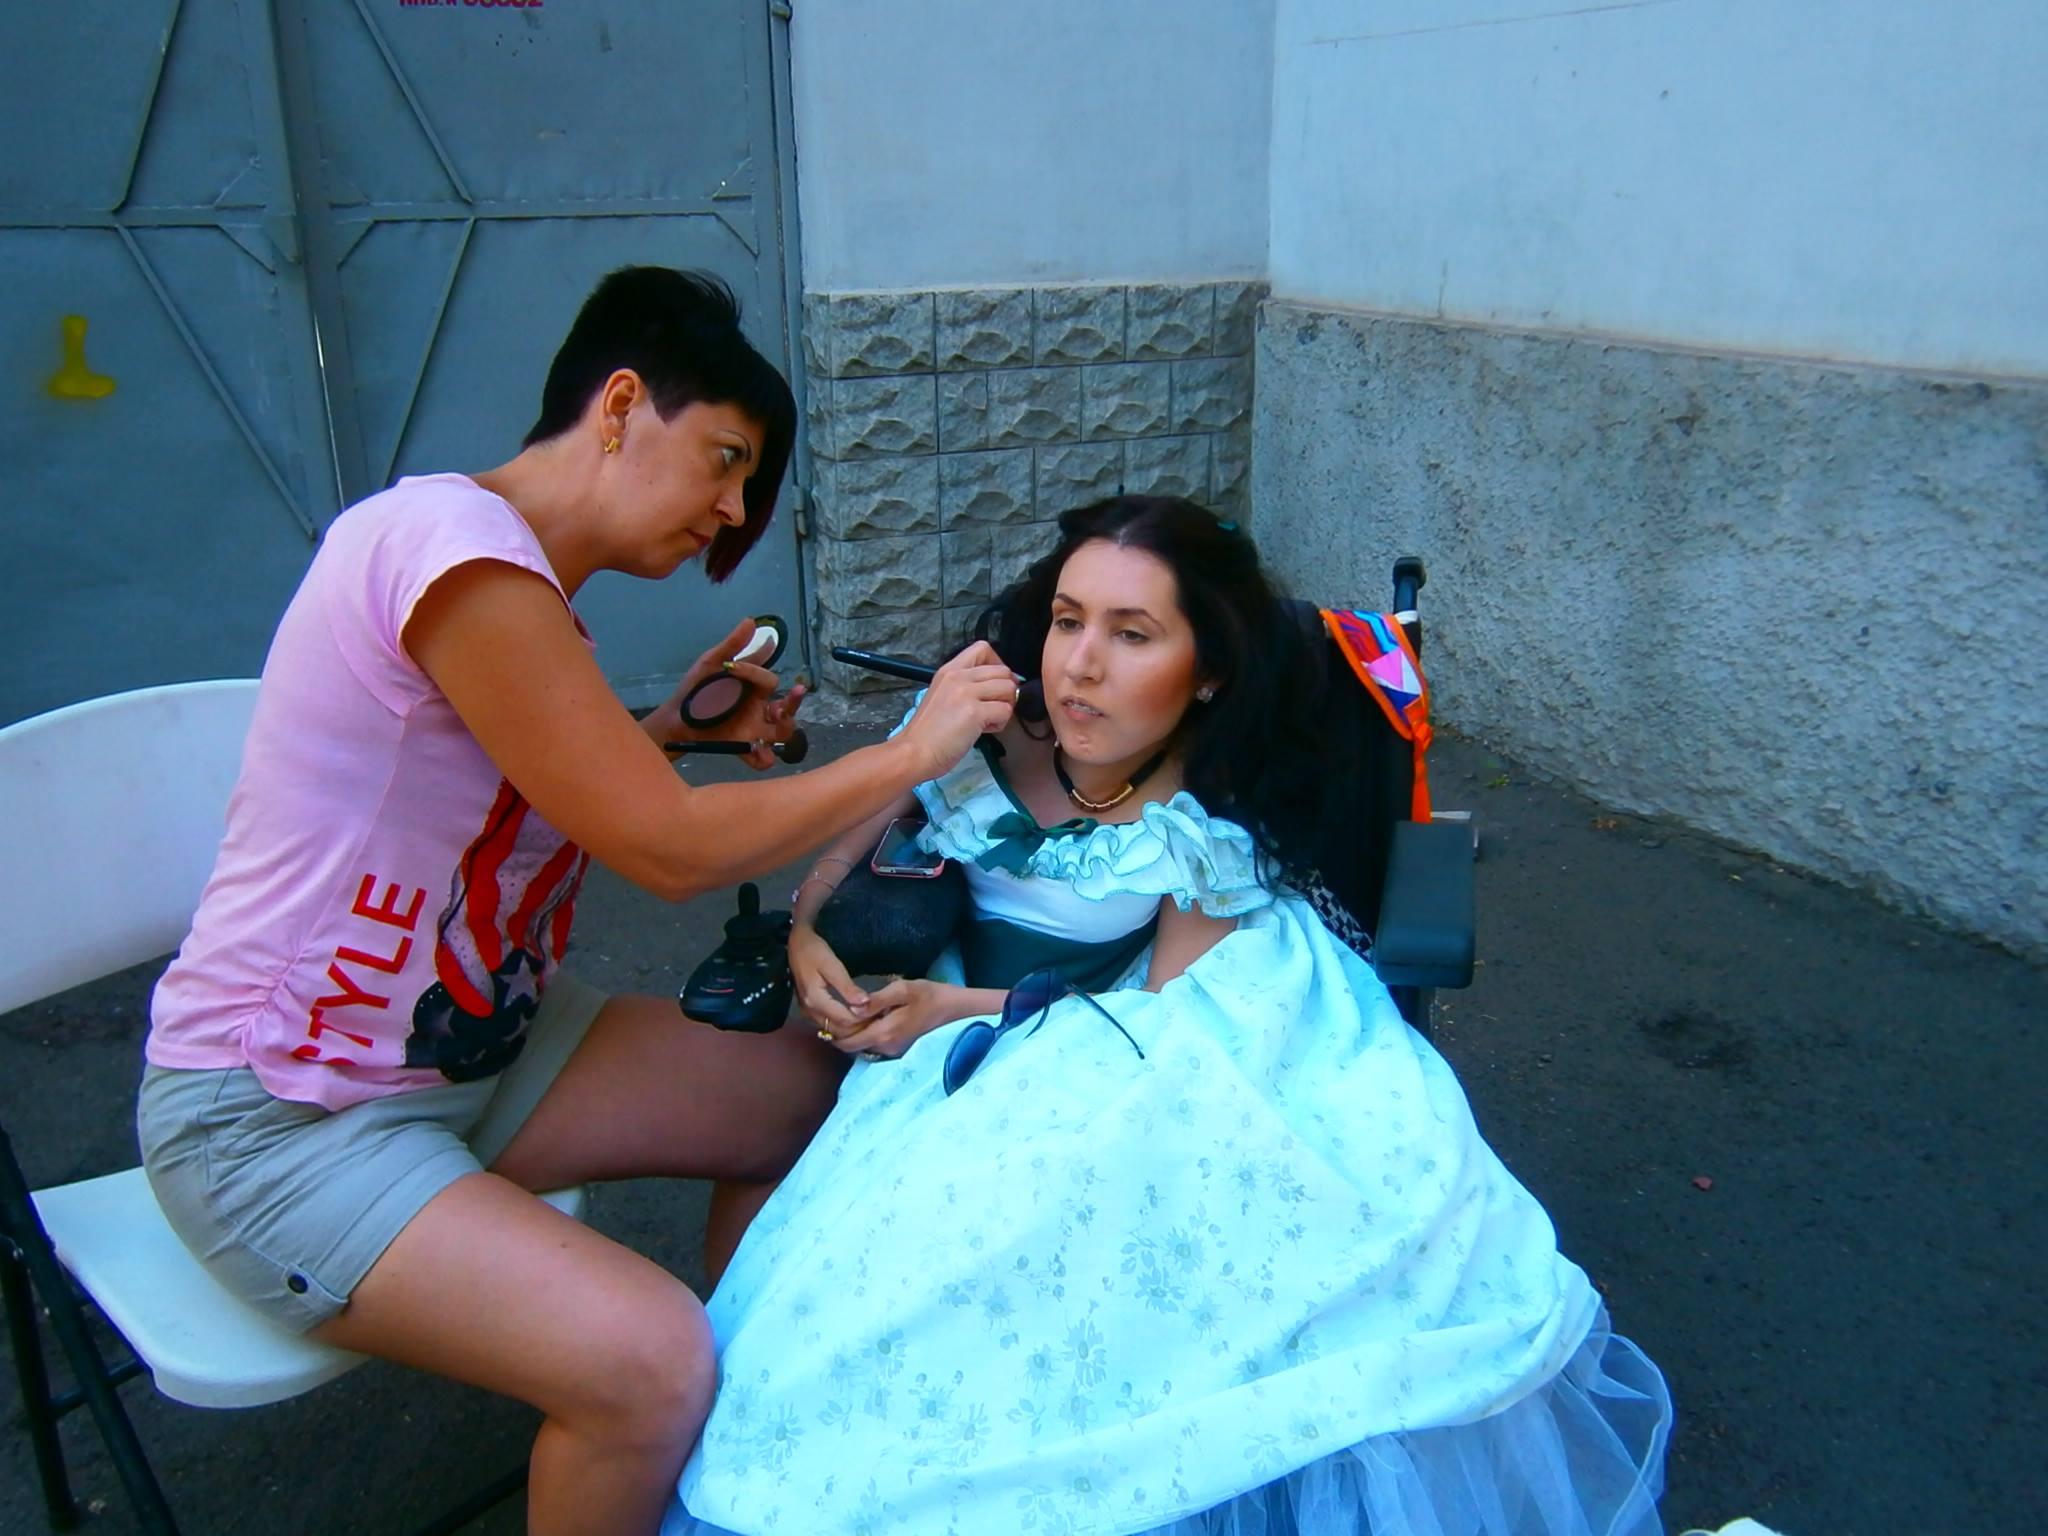 Театр равных возможностей, инклюзивный театр в Запорожье